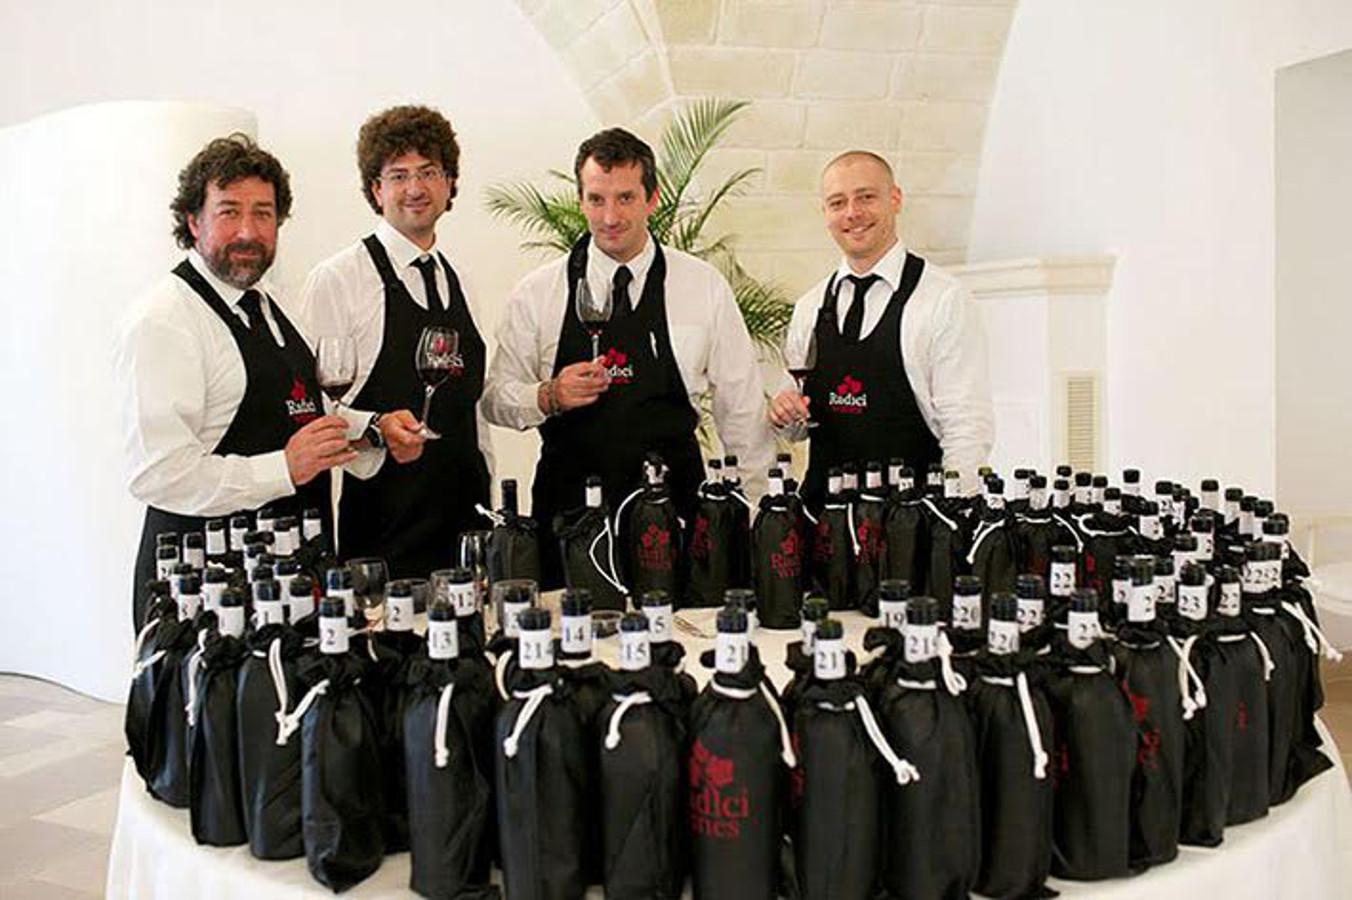 Radici del Sud, l'orgoglio dei vitigni autoctoni del Mezzogiorno